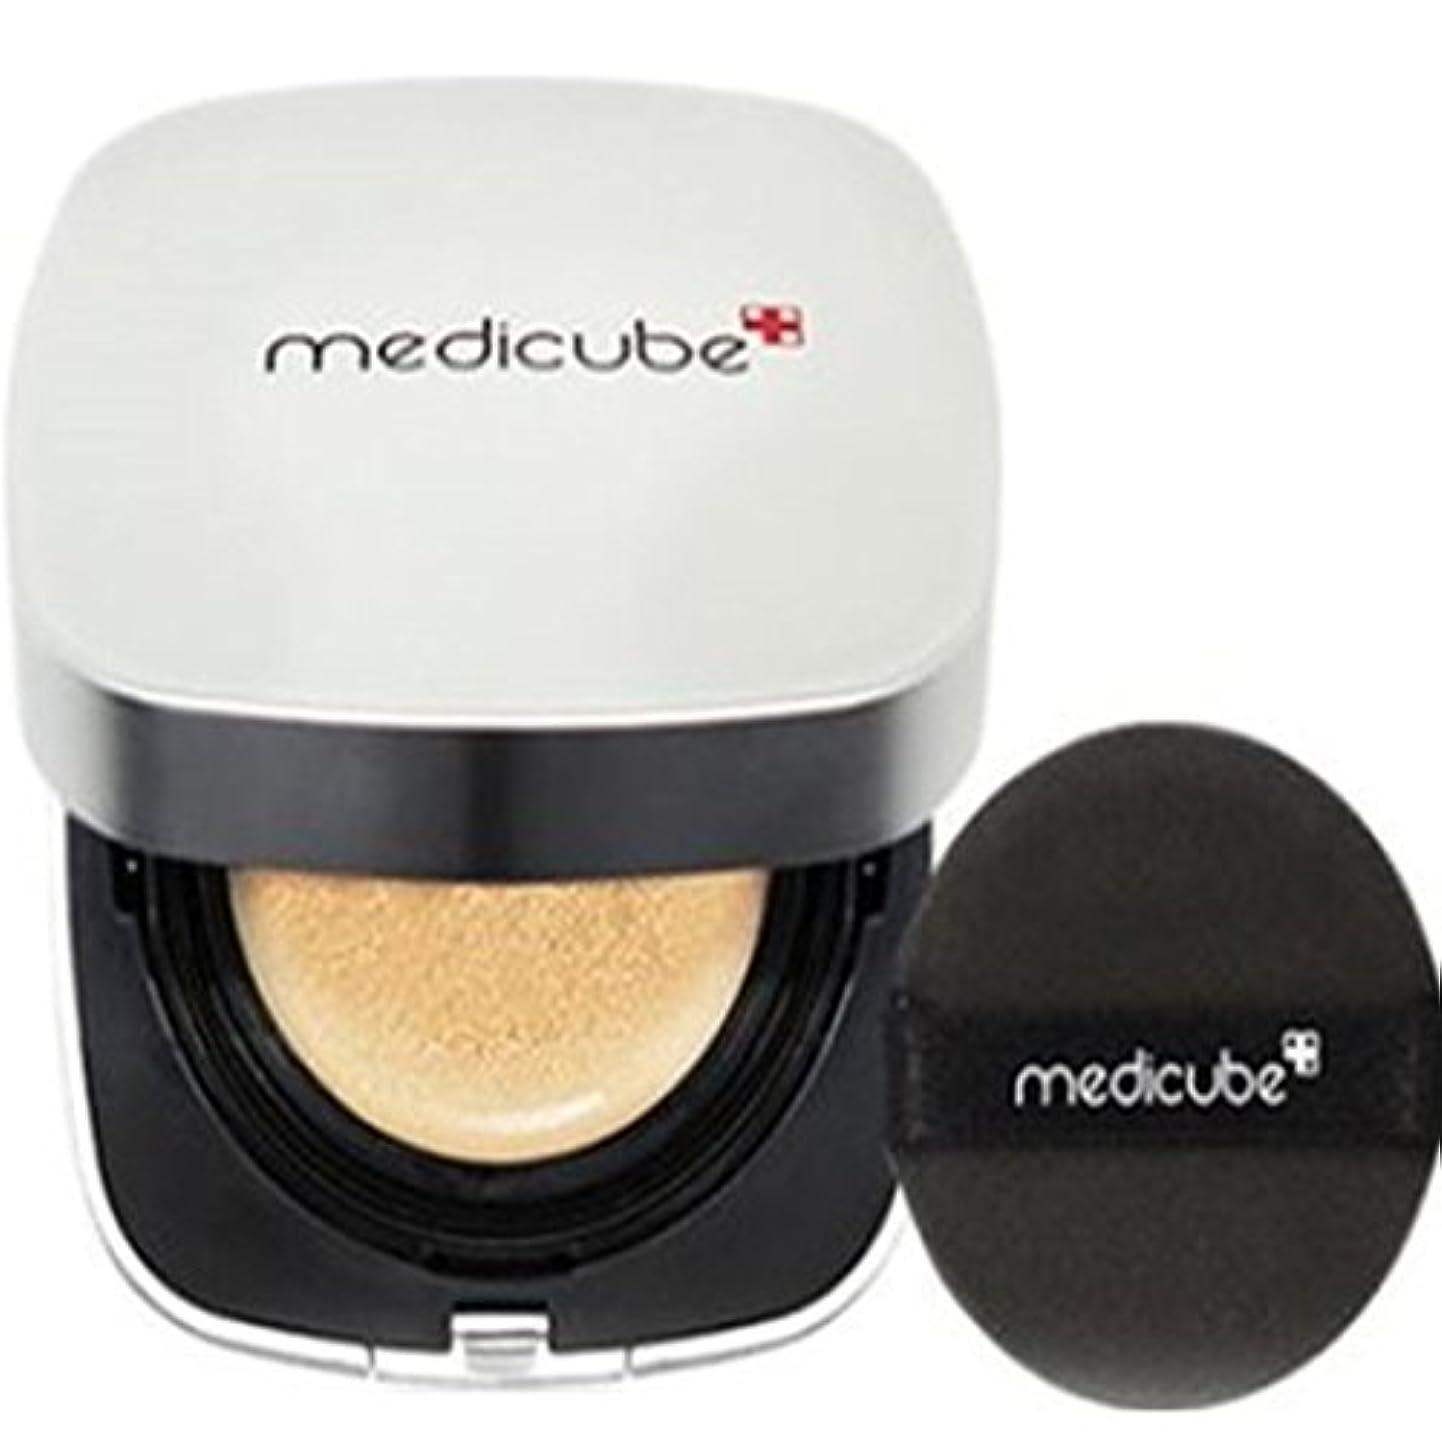 令状ピザ機械的[Medicube メディキューブ] レッドクッション - シェード21号ライトベージュ / Red Cushion - Shade 21 Light Beige [並行輸入品]